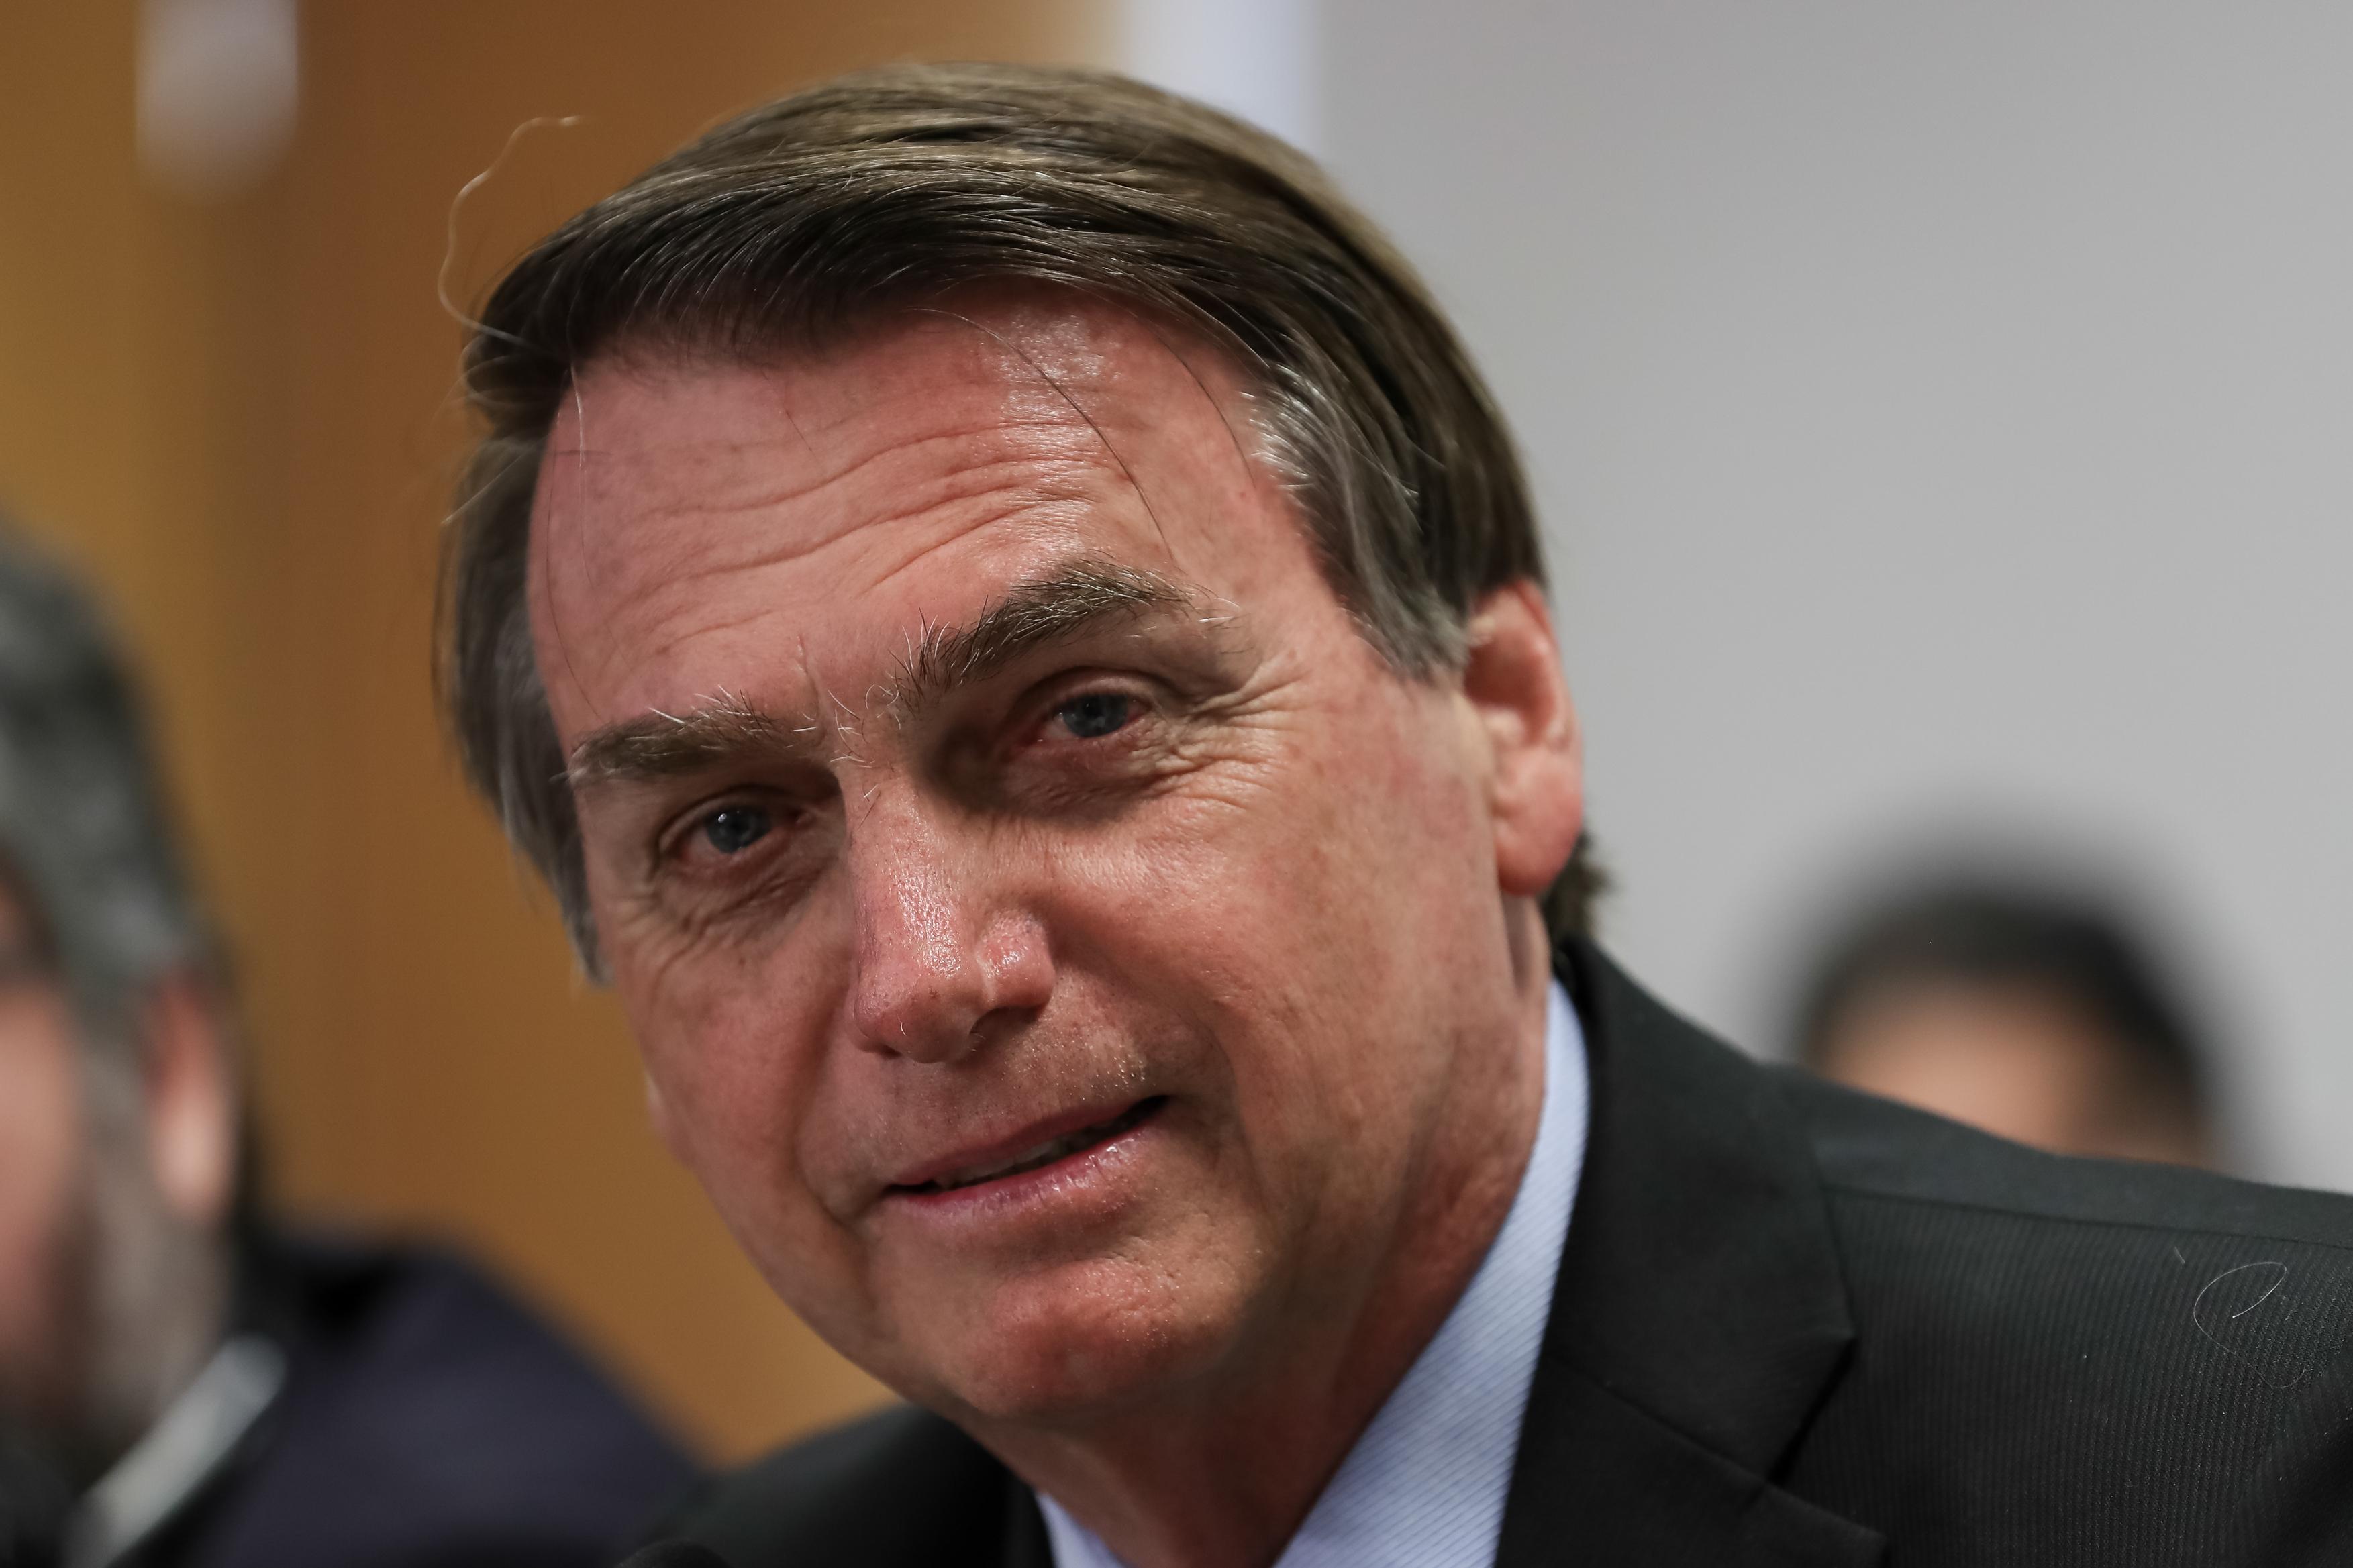 IMAGEM: Decisão sobre saque do FGTS sai na semana que vem, diz Bolsonaro